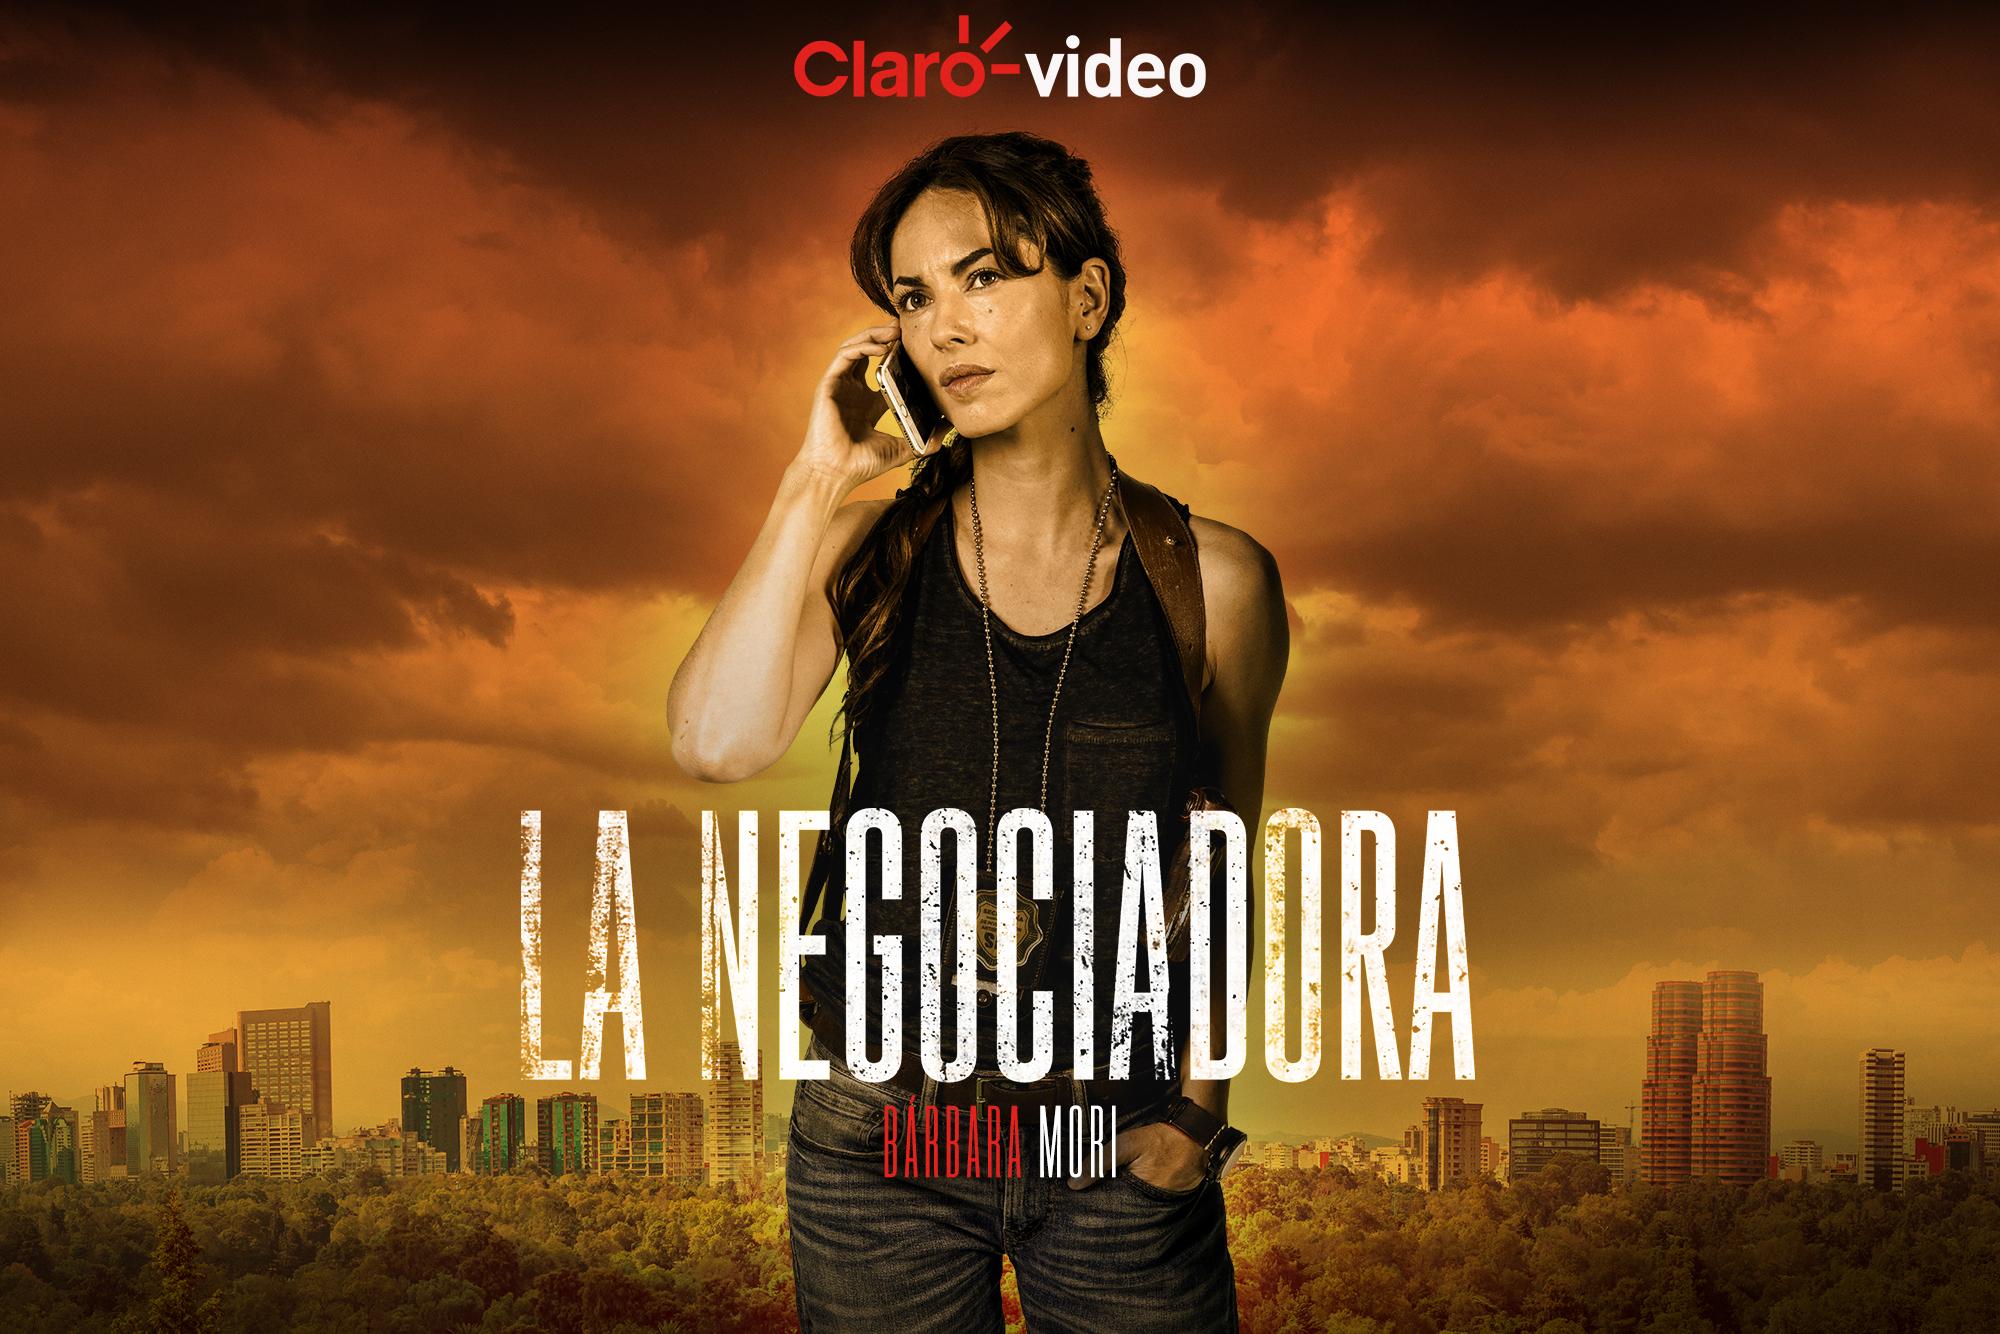 Claro video estrena serie protagonizada por la actriz uruguaya Bárbara Mori